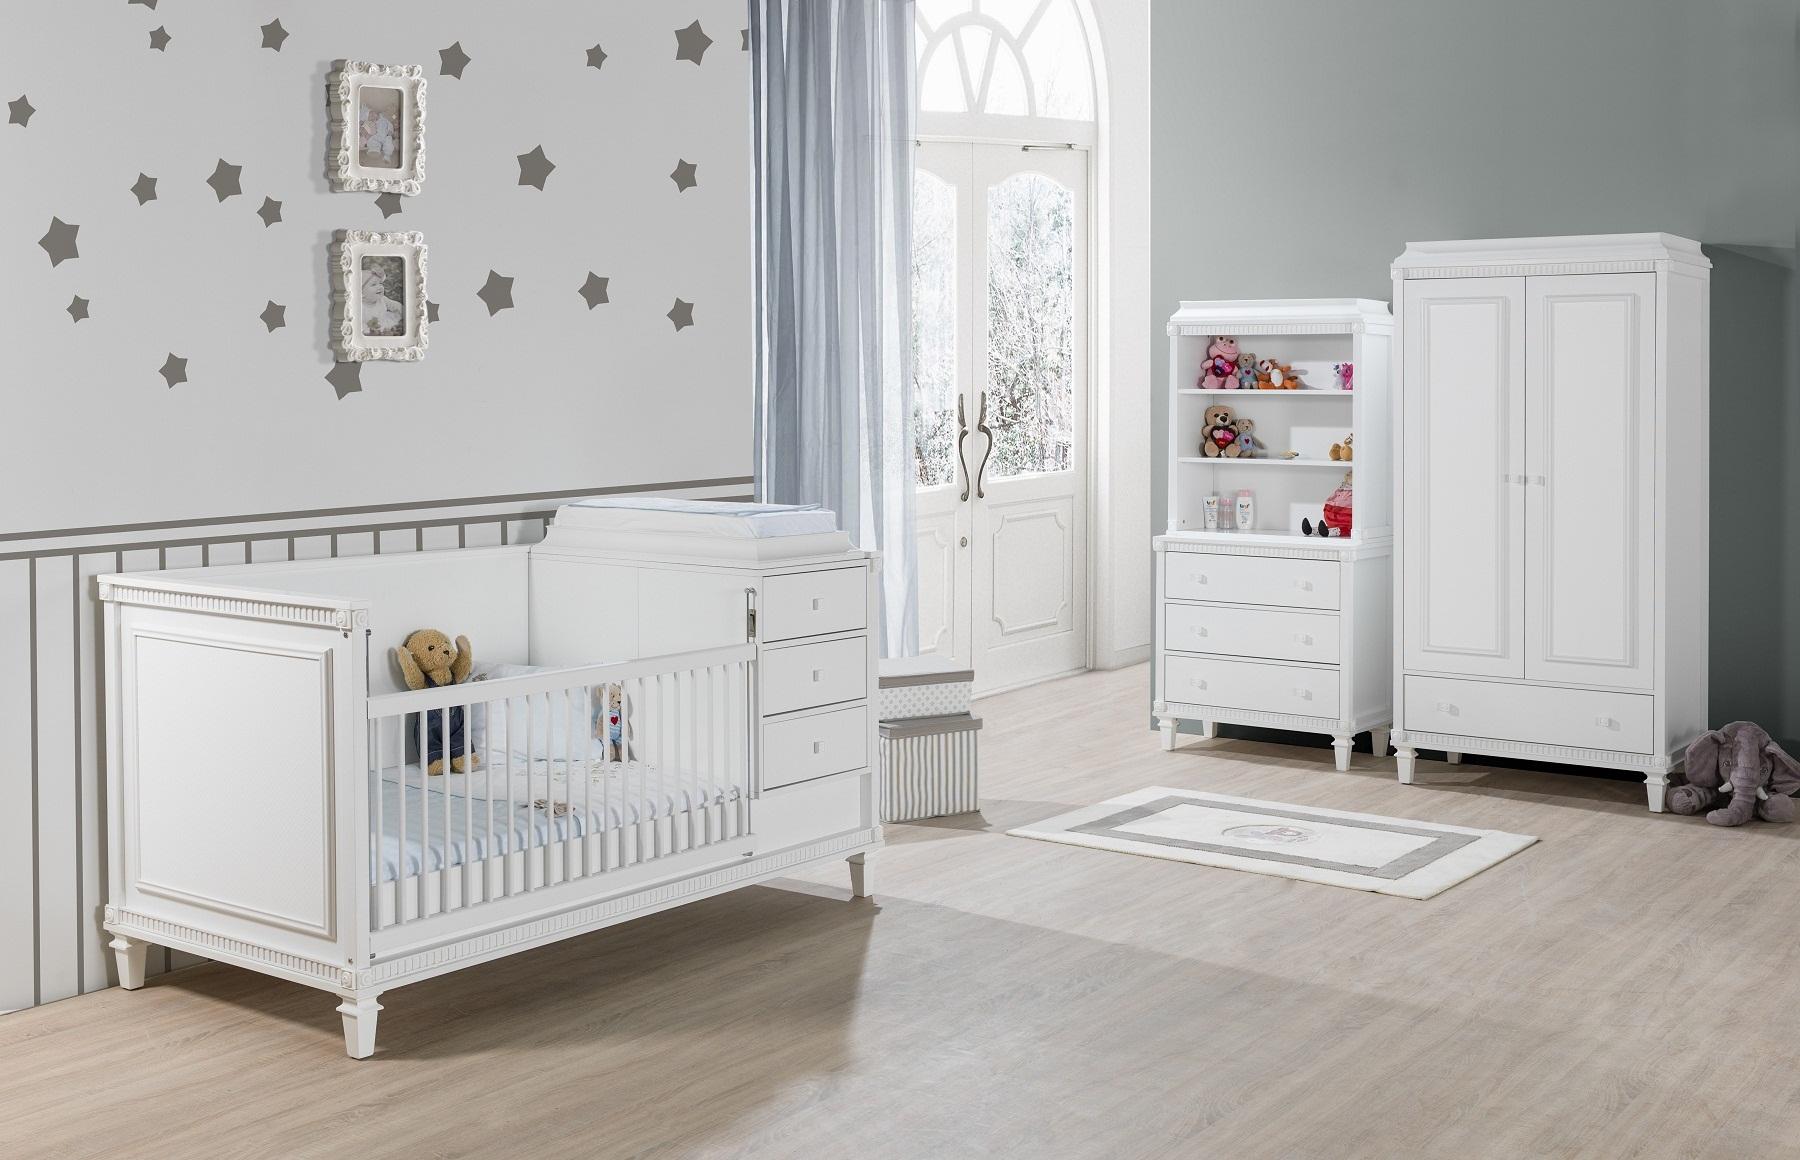 schreibtisch hazeran mit aufsatz landhausstil weiss kinder 78408. Black Bedroom Furniture Sets. Home Design Ideas